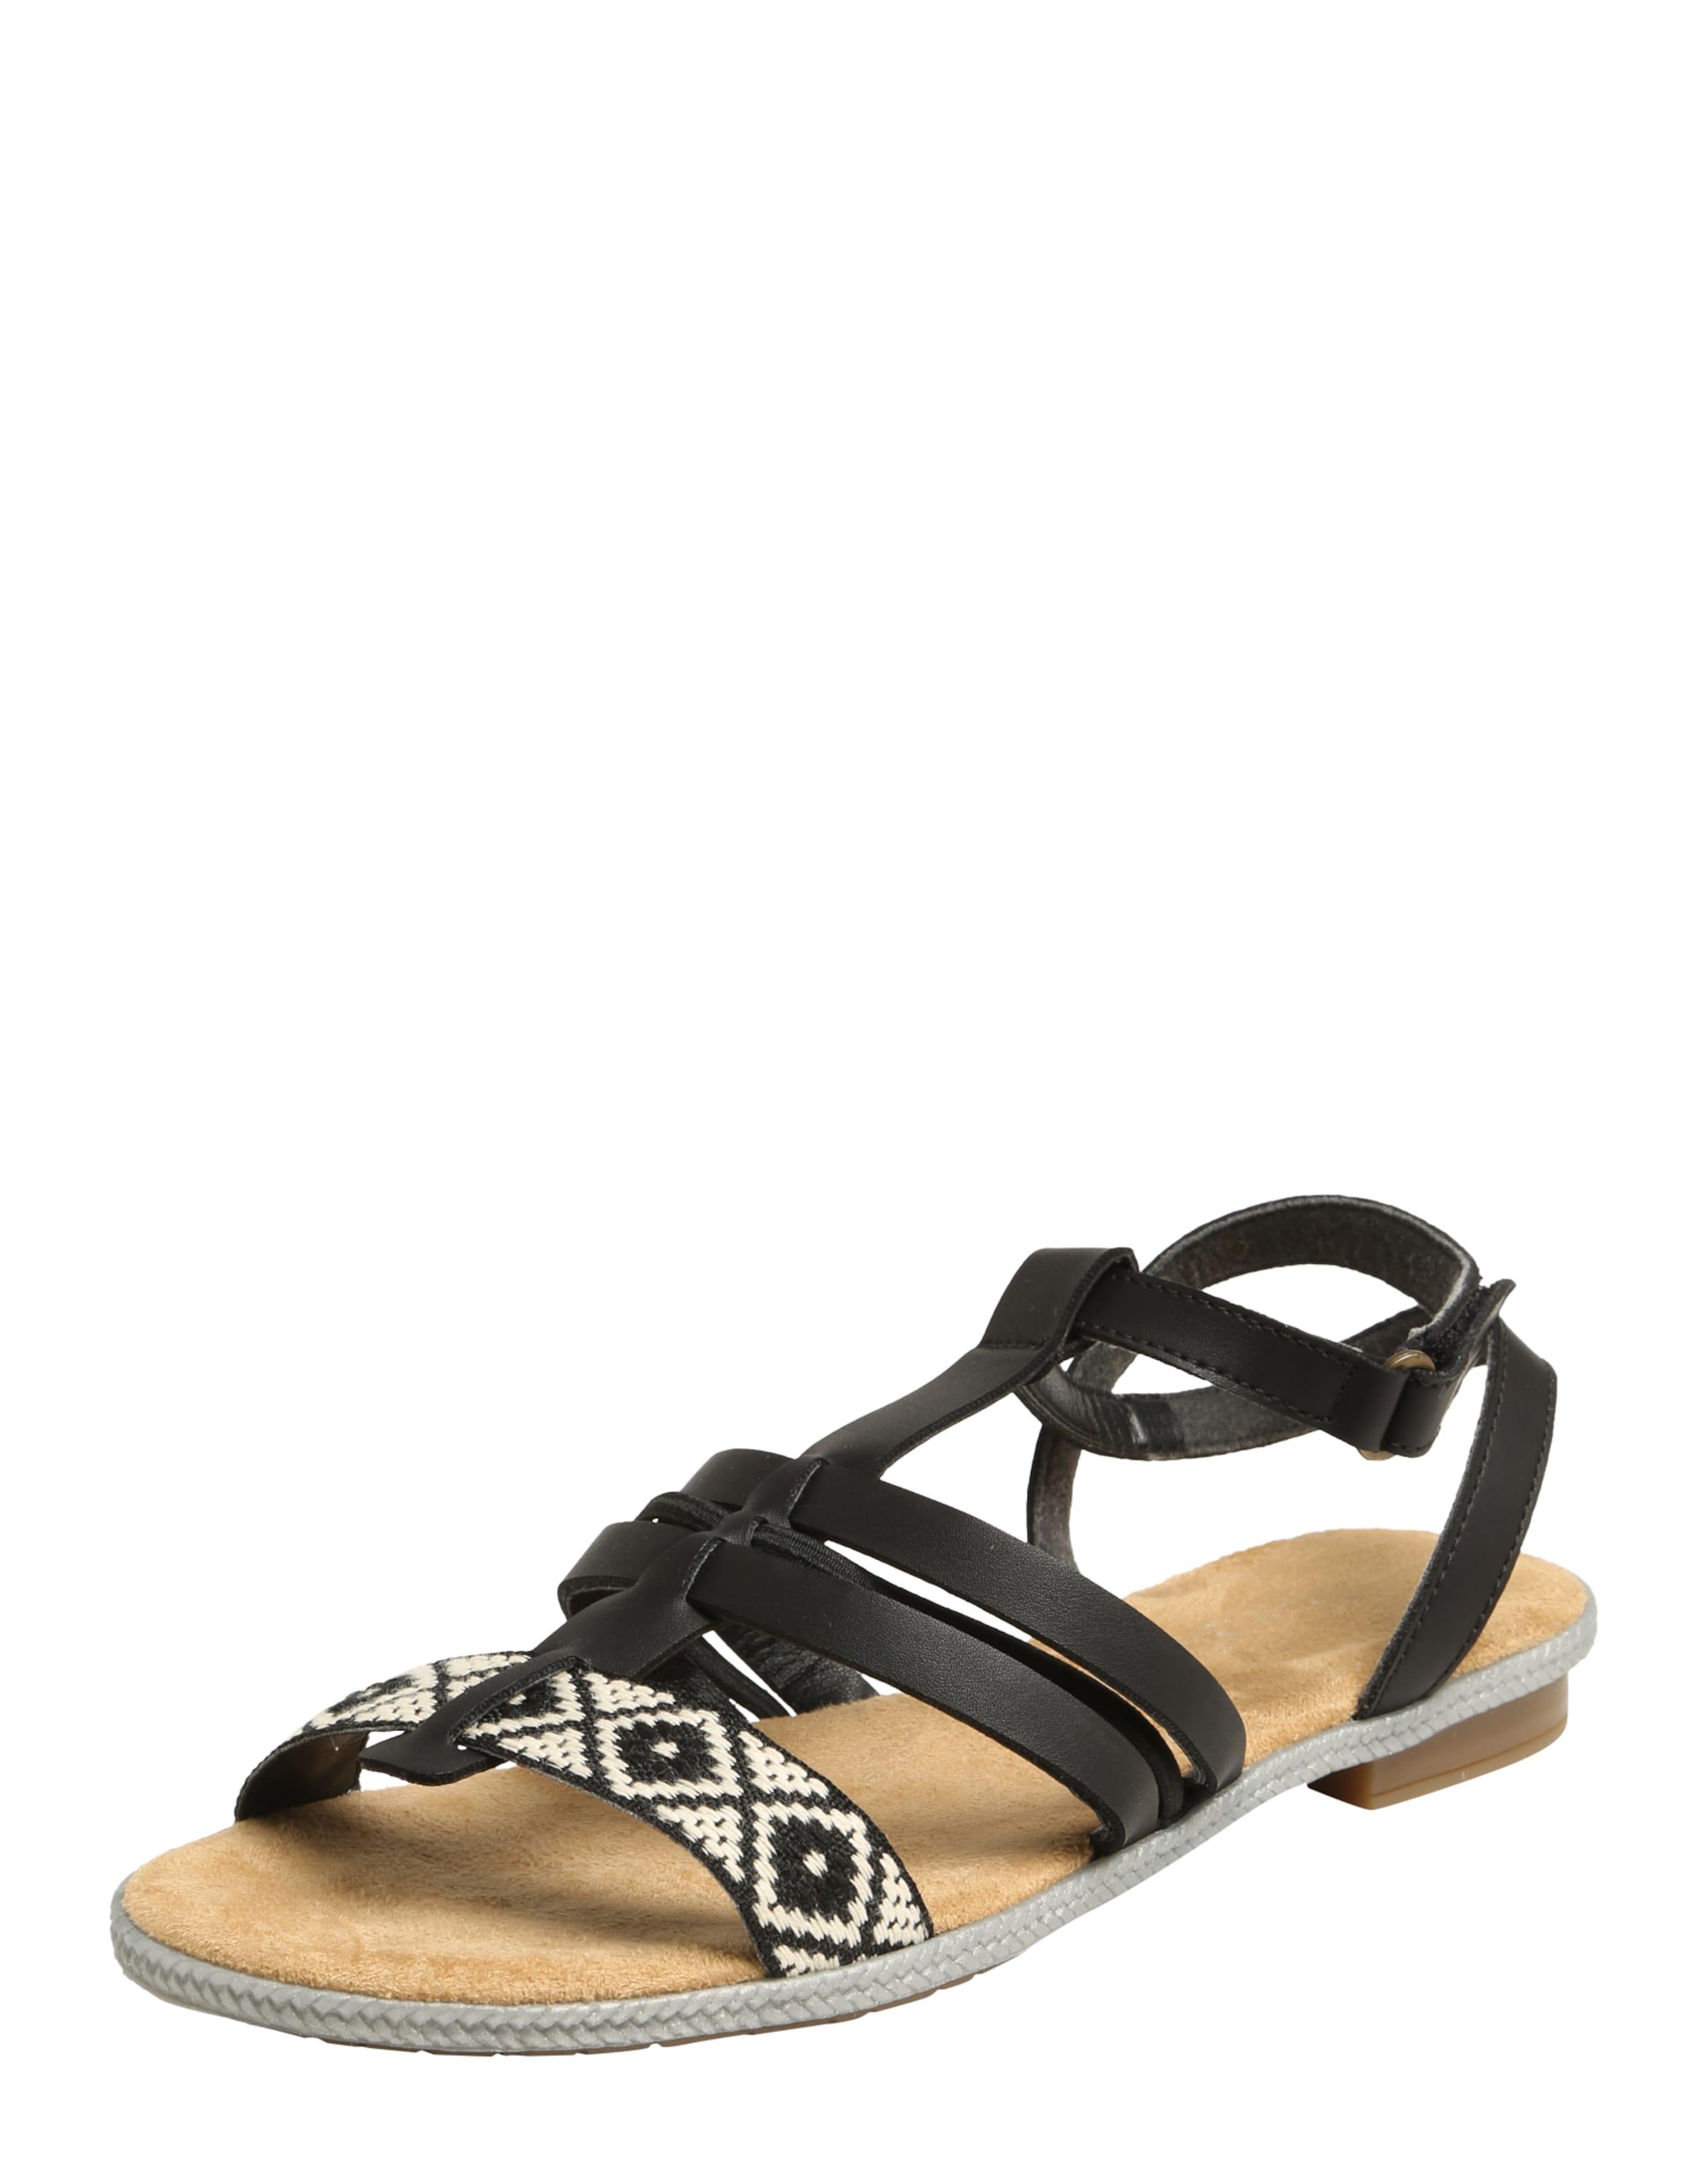 Haltbare Mode billige Schuhe RIEKER | Römersandale Schuhe Gut getragene Schuhe